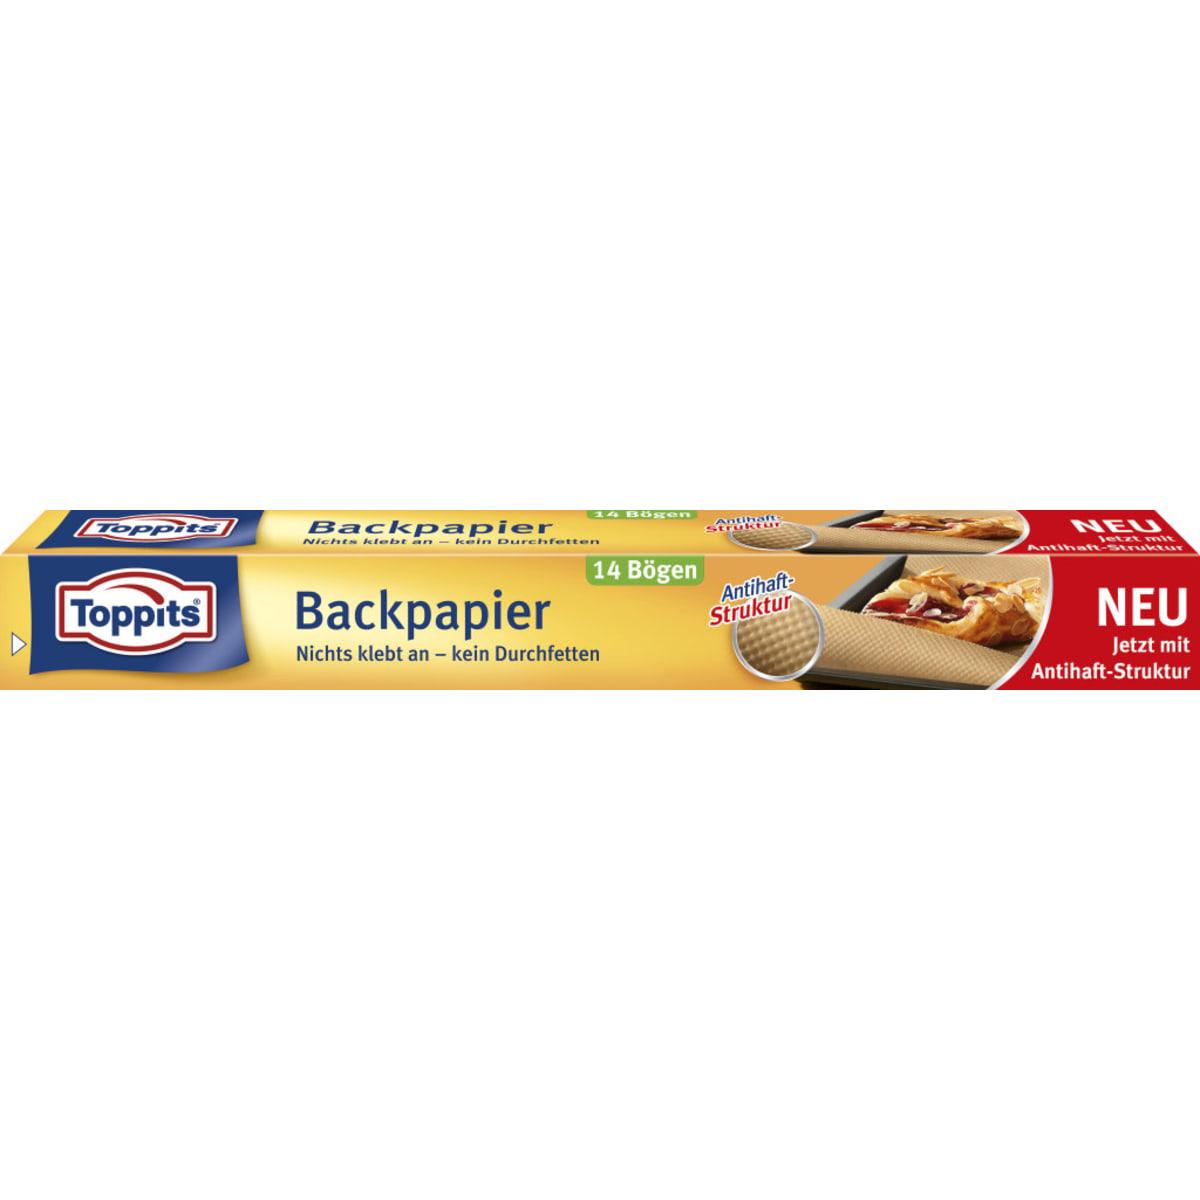 Toppits Antihaft Backpapier Bögen